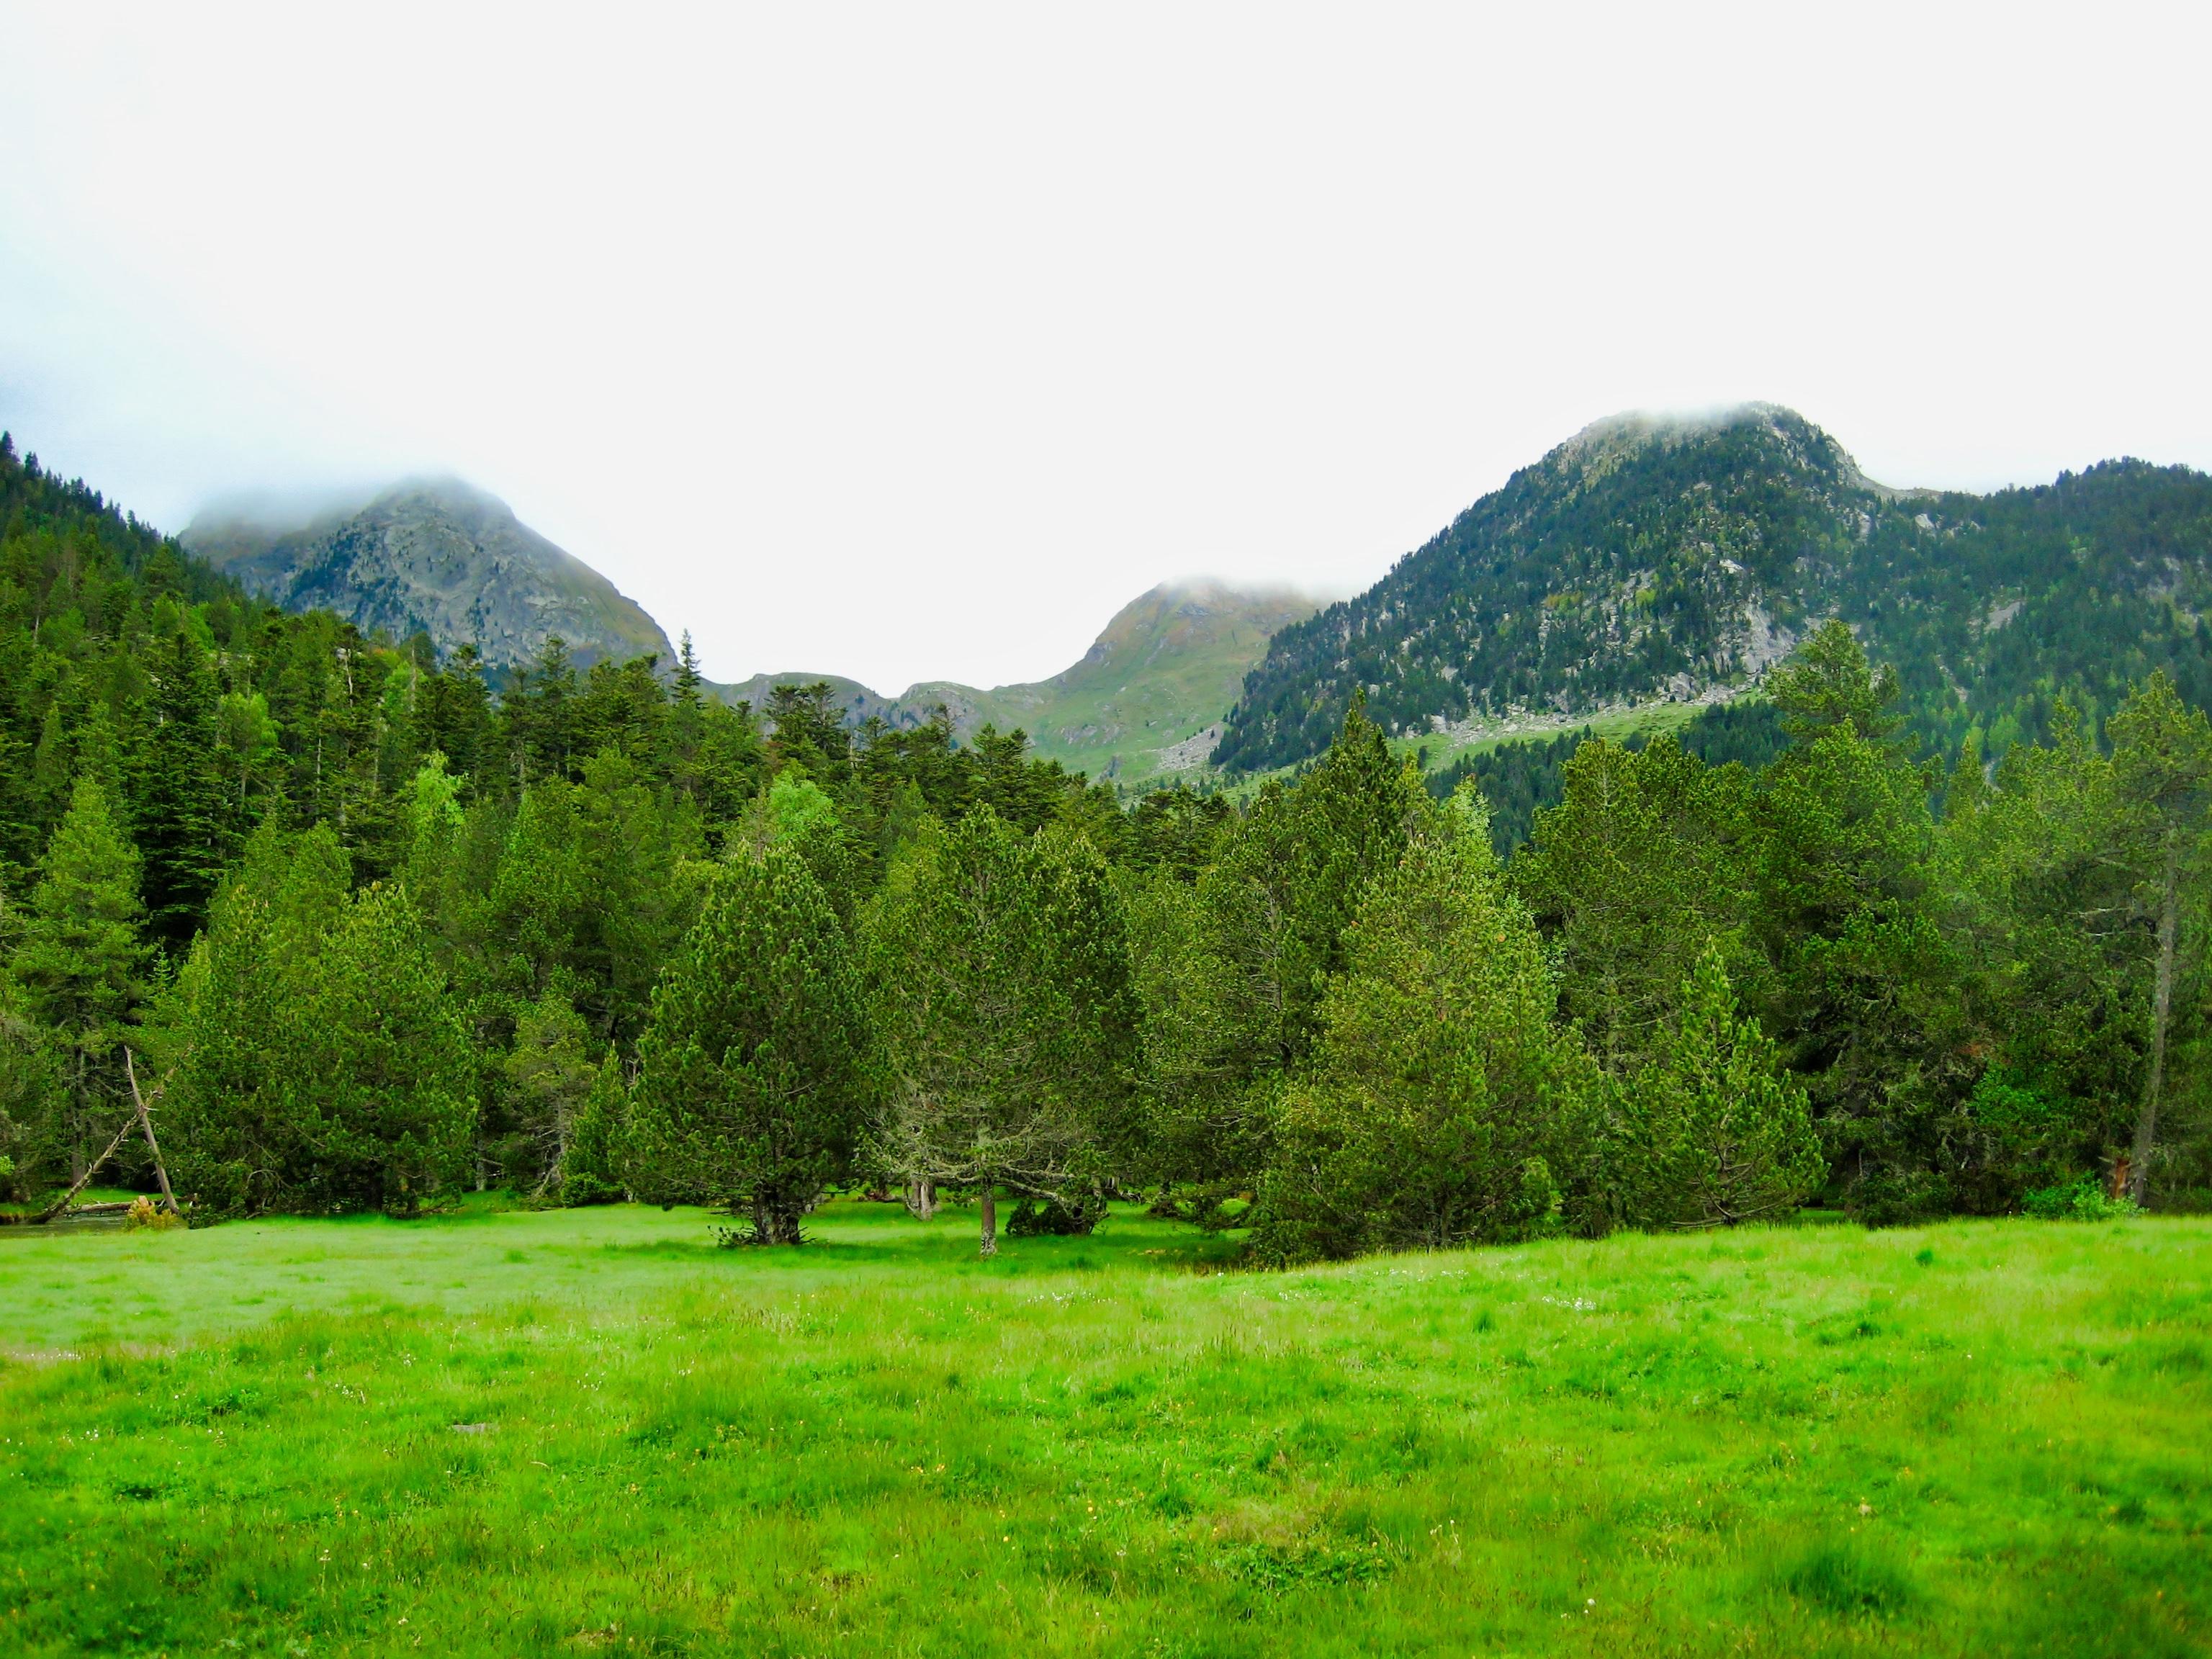 93271 скачать обои Зелень, Природа, Деревья, Трава, Горы, Лужайка - заставки и картинки бесплатно